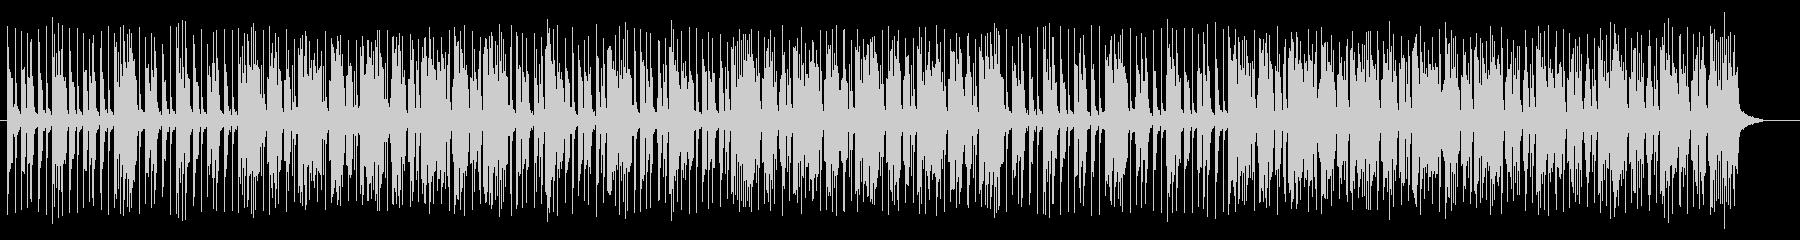 陽気なオルガンのジャズポップの未再生の波形